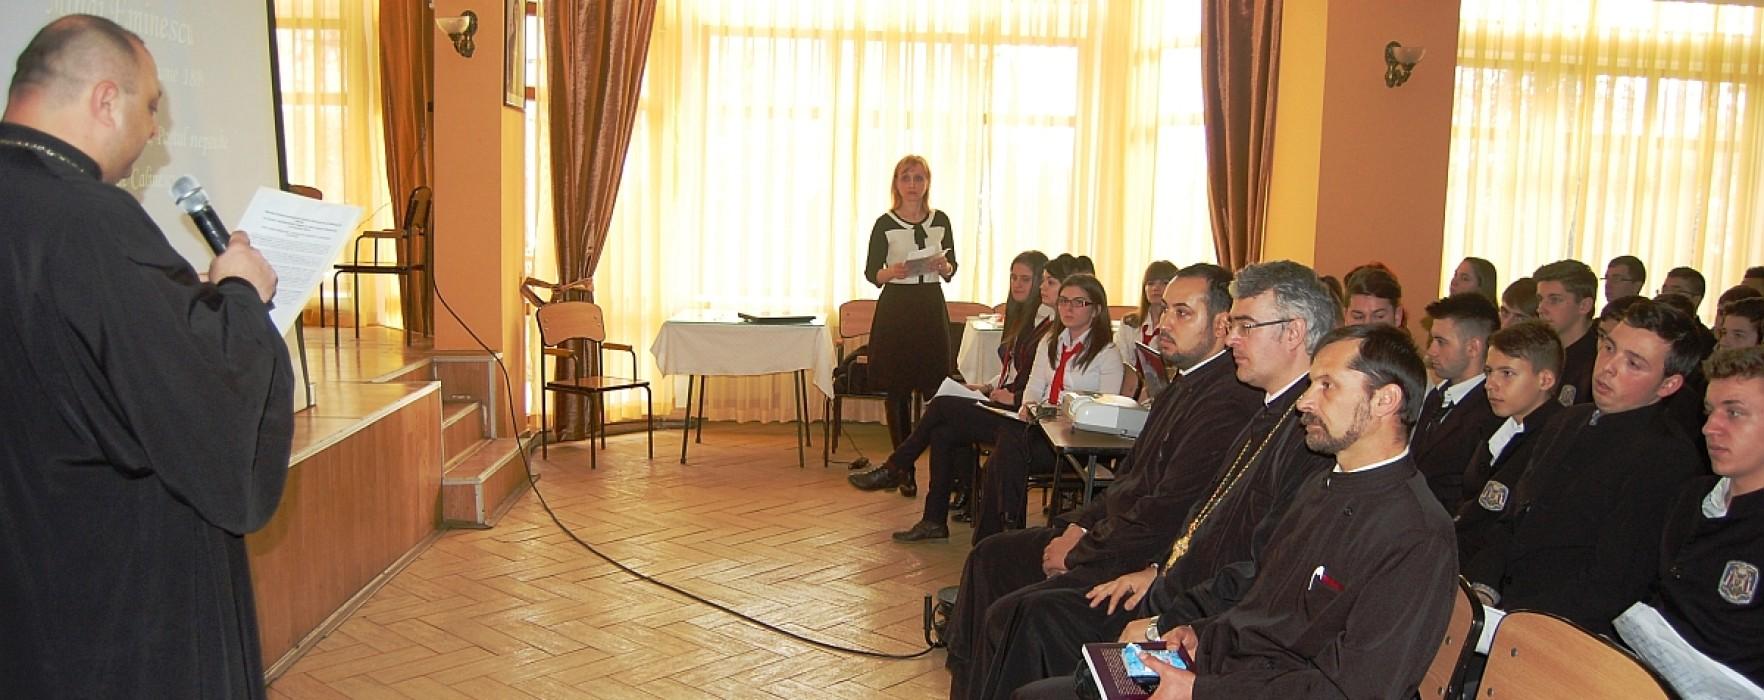 Ziua Culturii Naţionale sărbătorită în Arhiepiscopia Târgoviştei